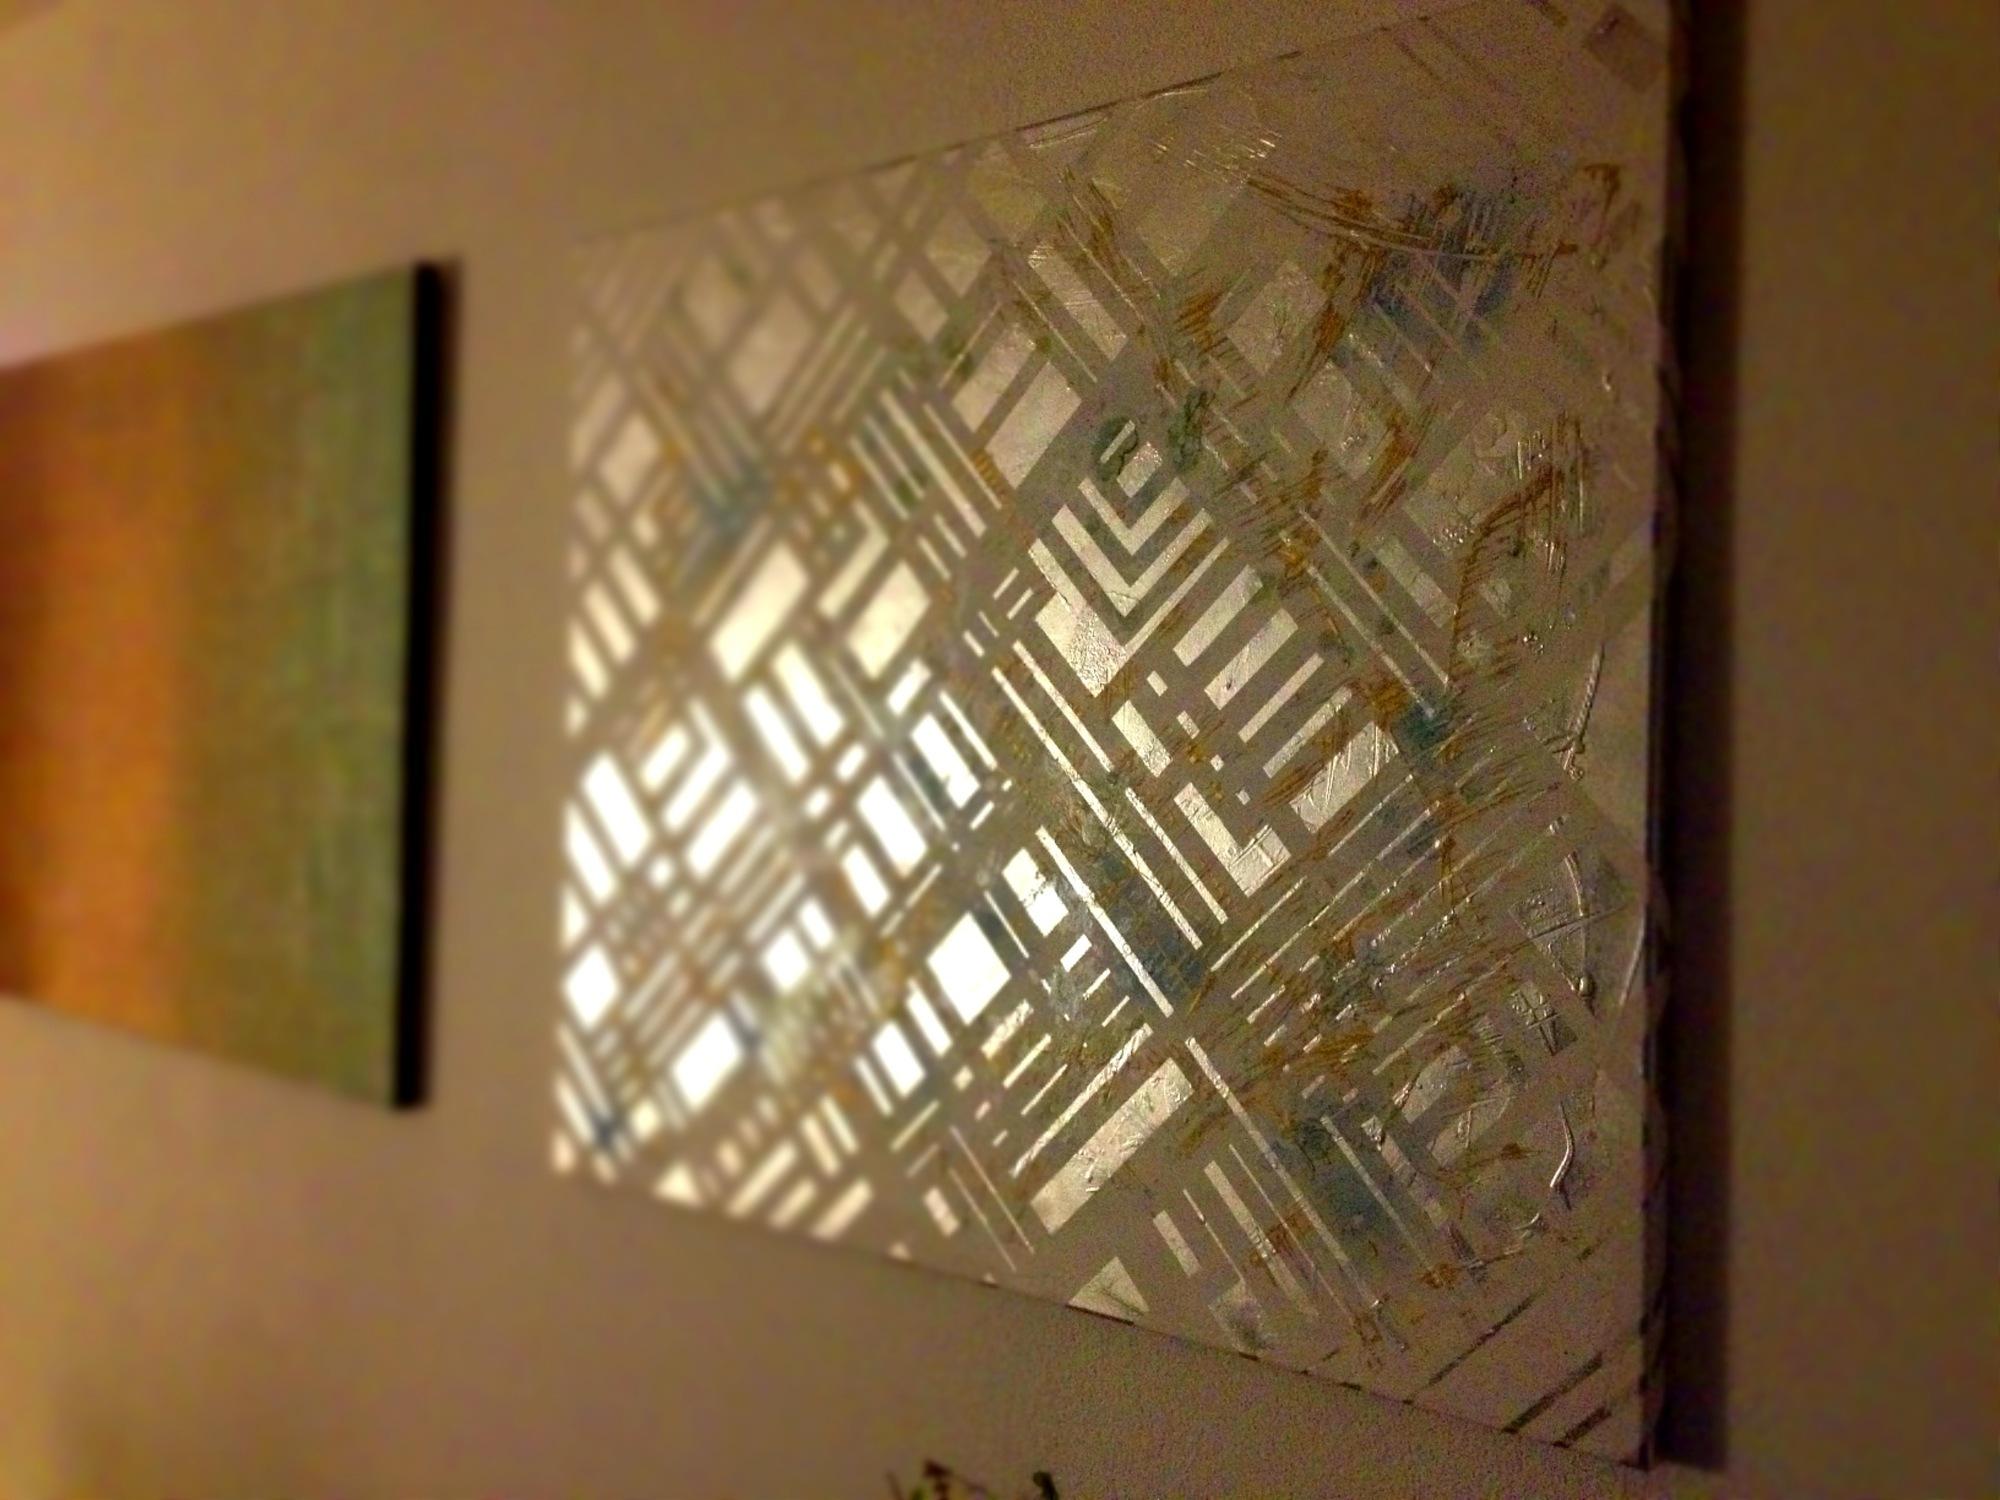 1537040285-wohnzimmer-original-acrylbild-silver-chameleon-100-x-120-cm_0.jpg